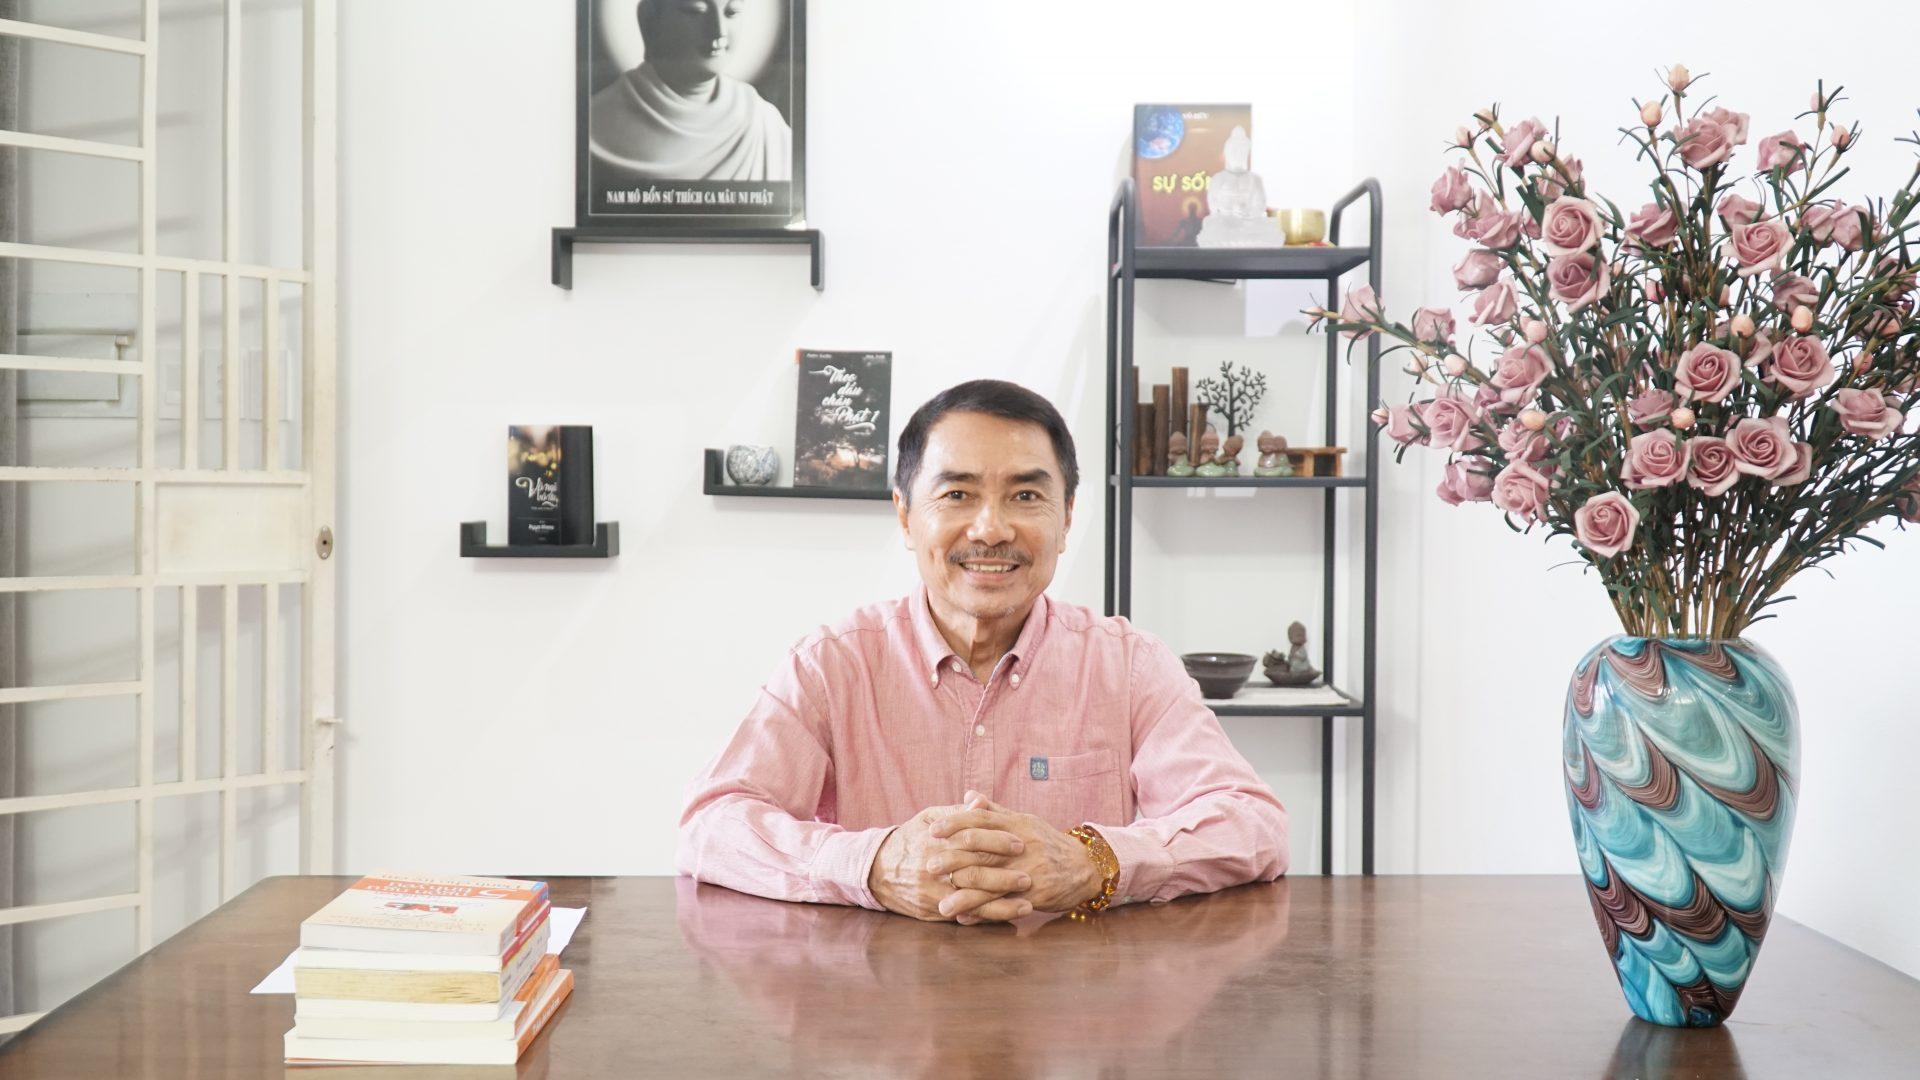 Chú Nguyễn Thanh Nam đã khắc phục tăng nhãn áp hiệu quả